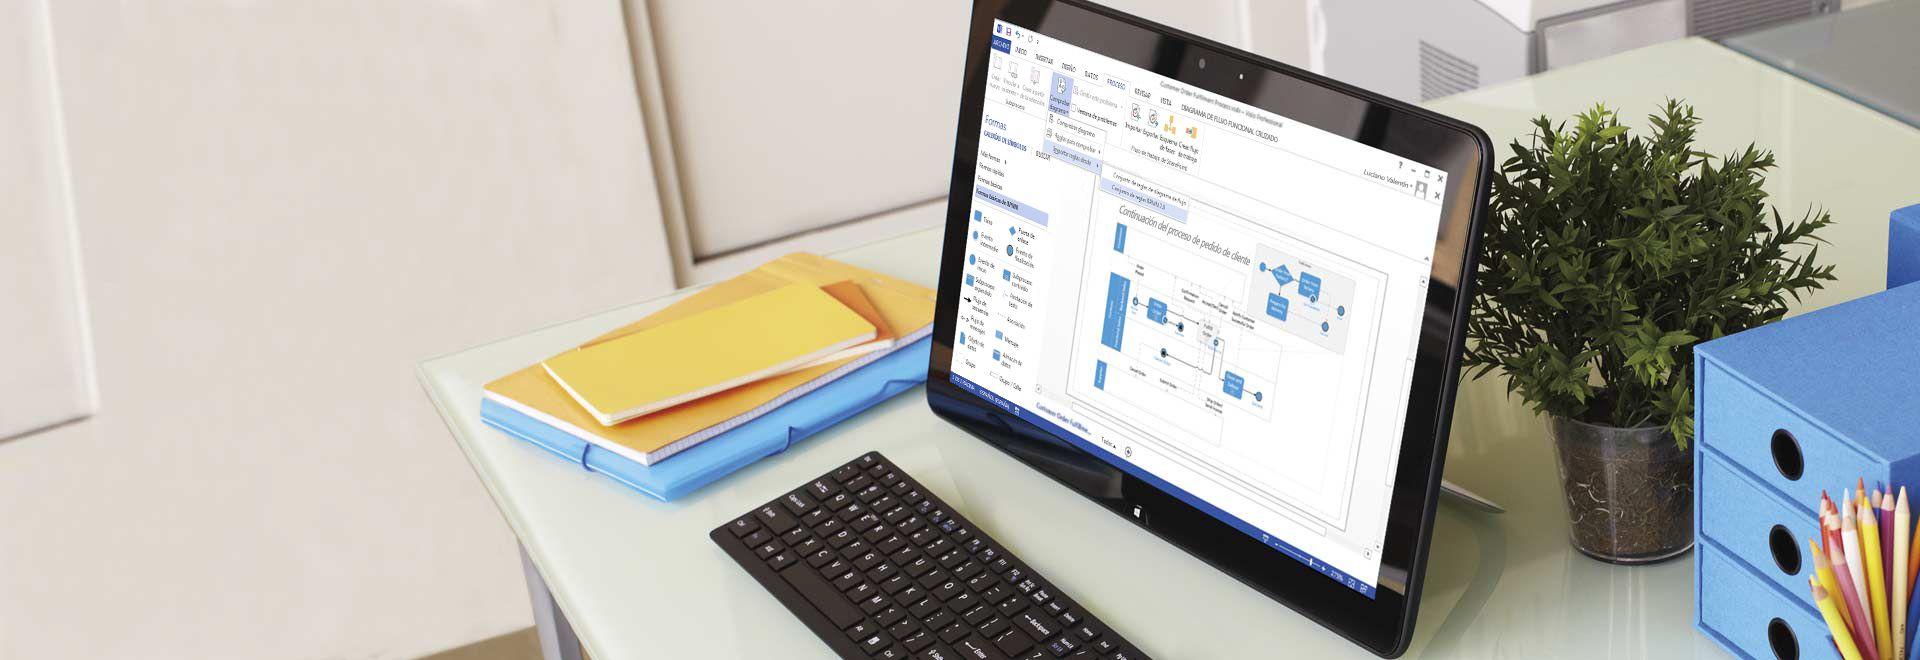 Escritorio con una tableta donde se muestra un diagrama de procesos en Visio Profesional 2016